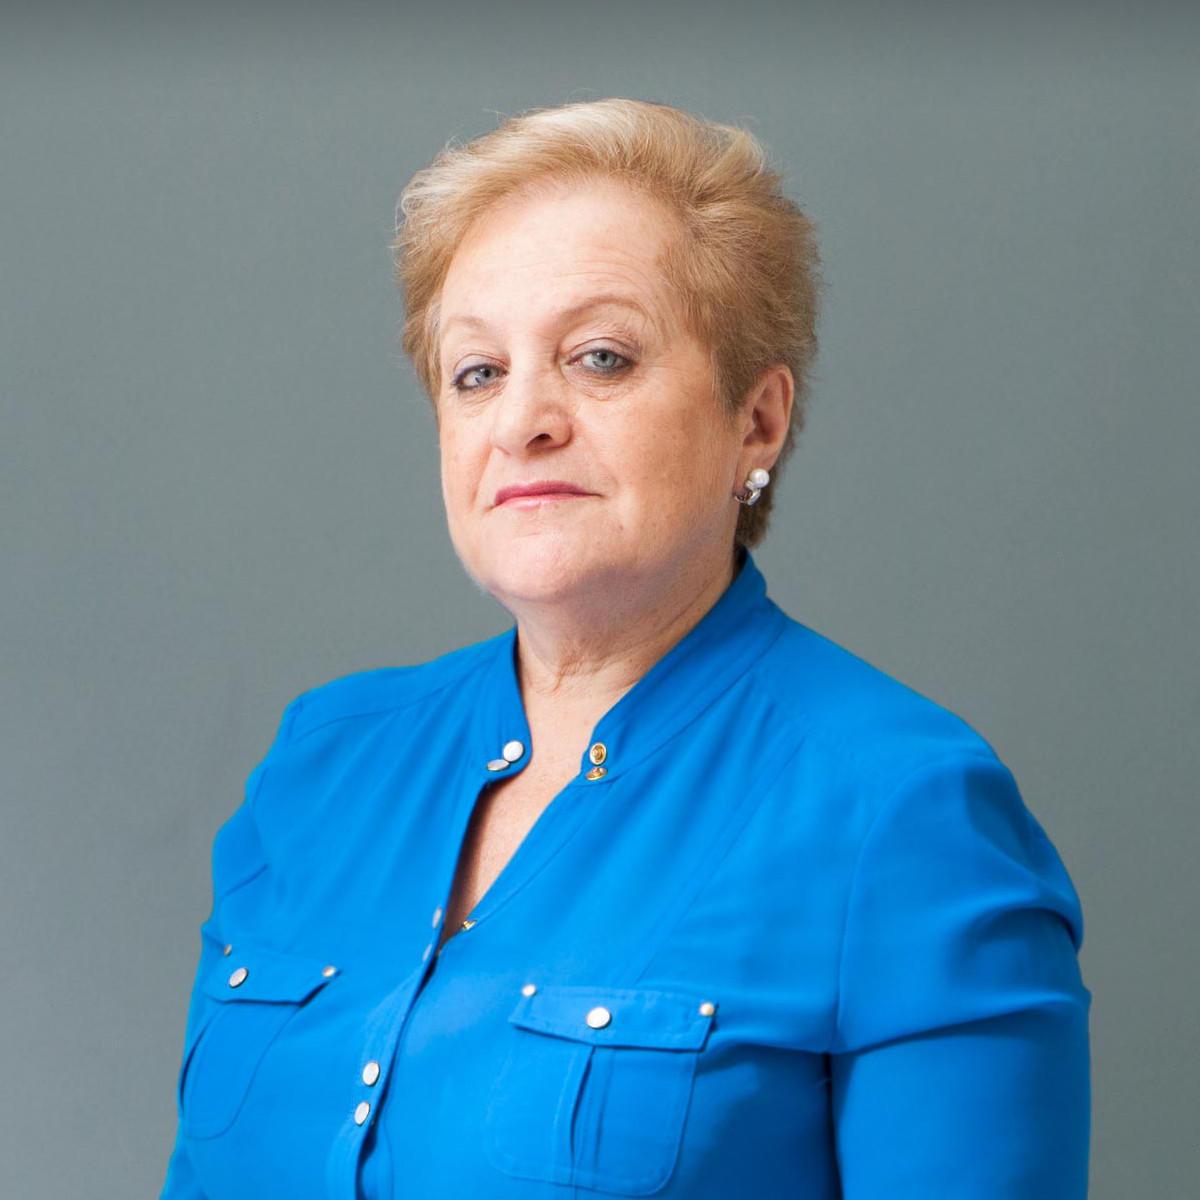 Yanina Yefimovna Belotserkovskaya, MD